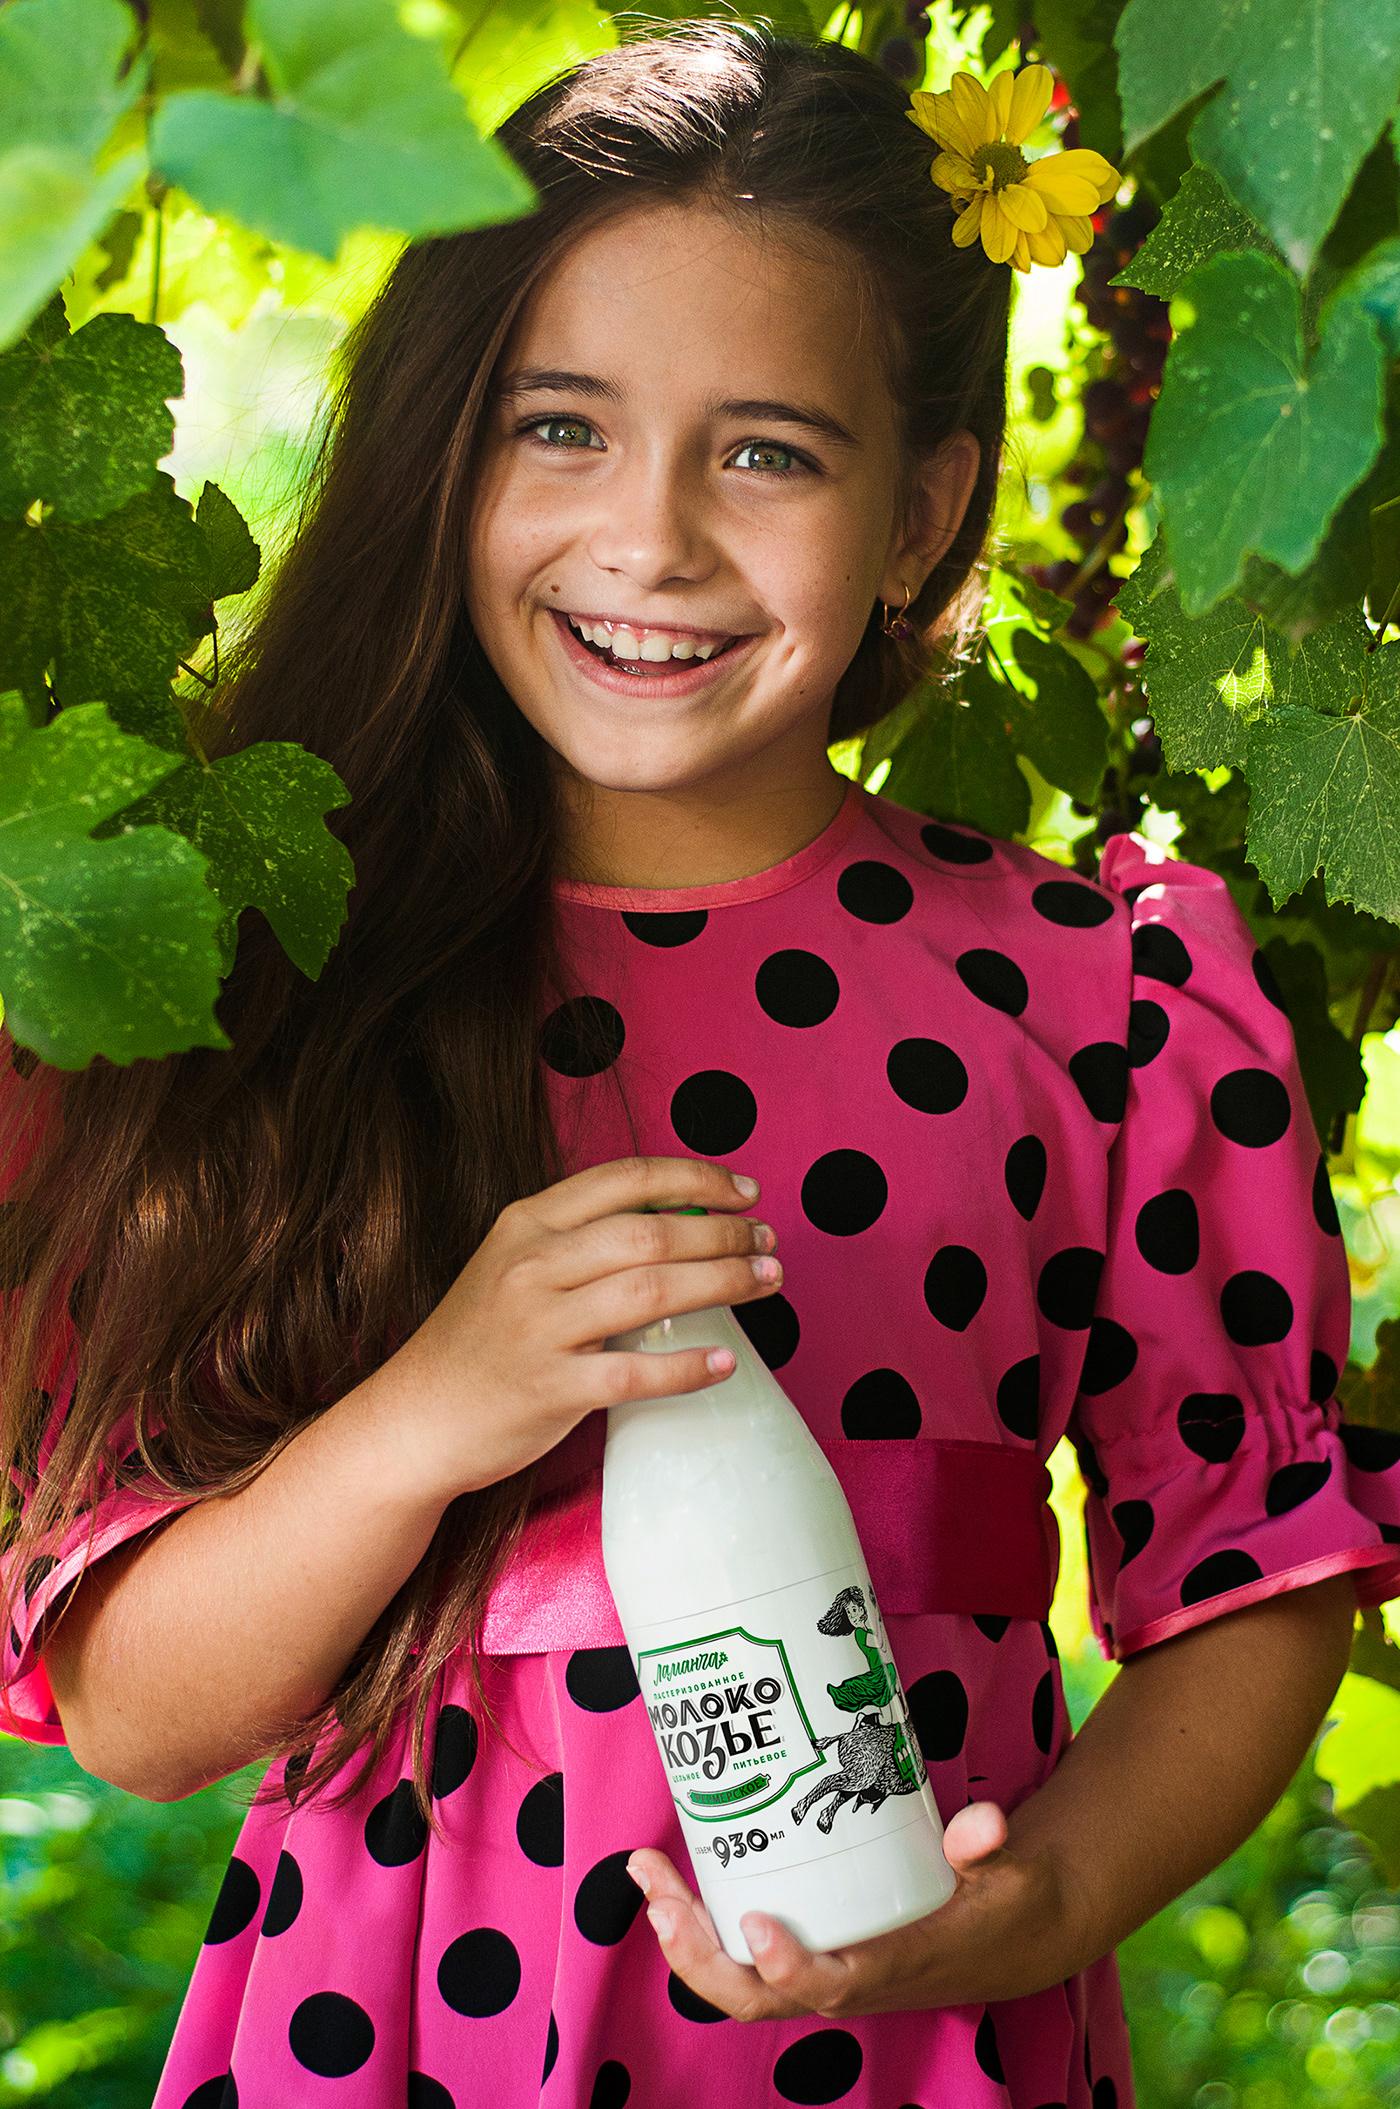 lamancha goat milk